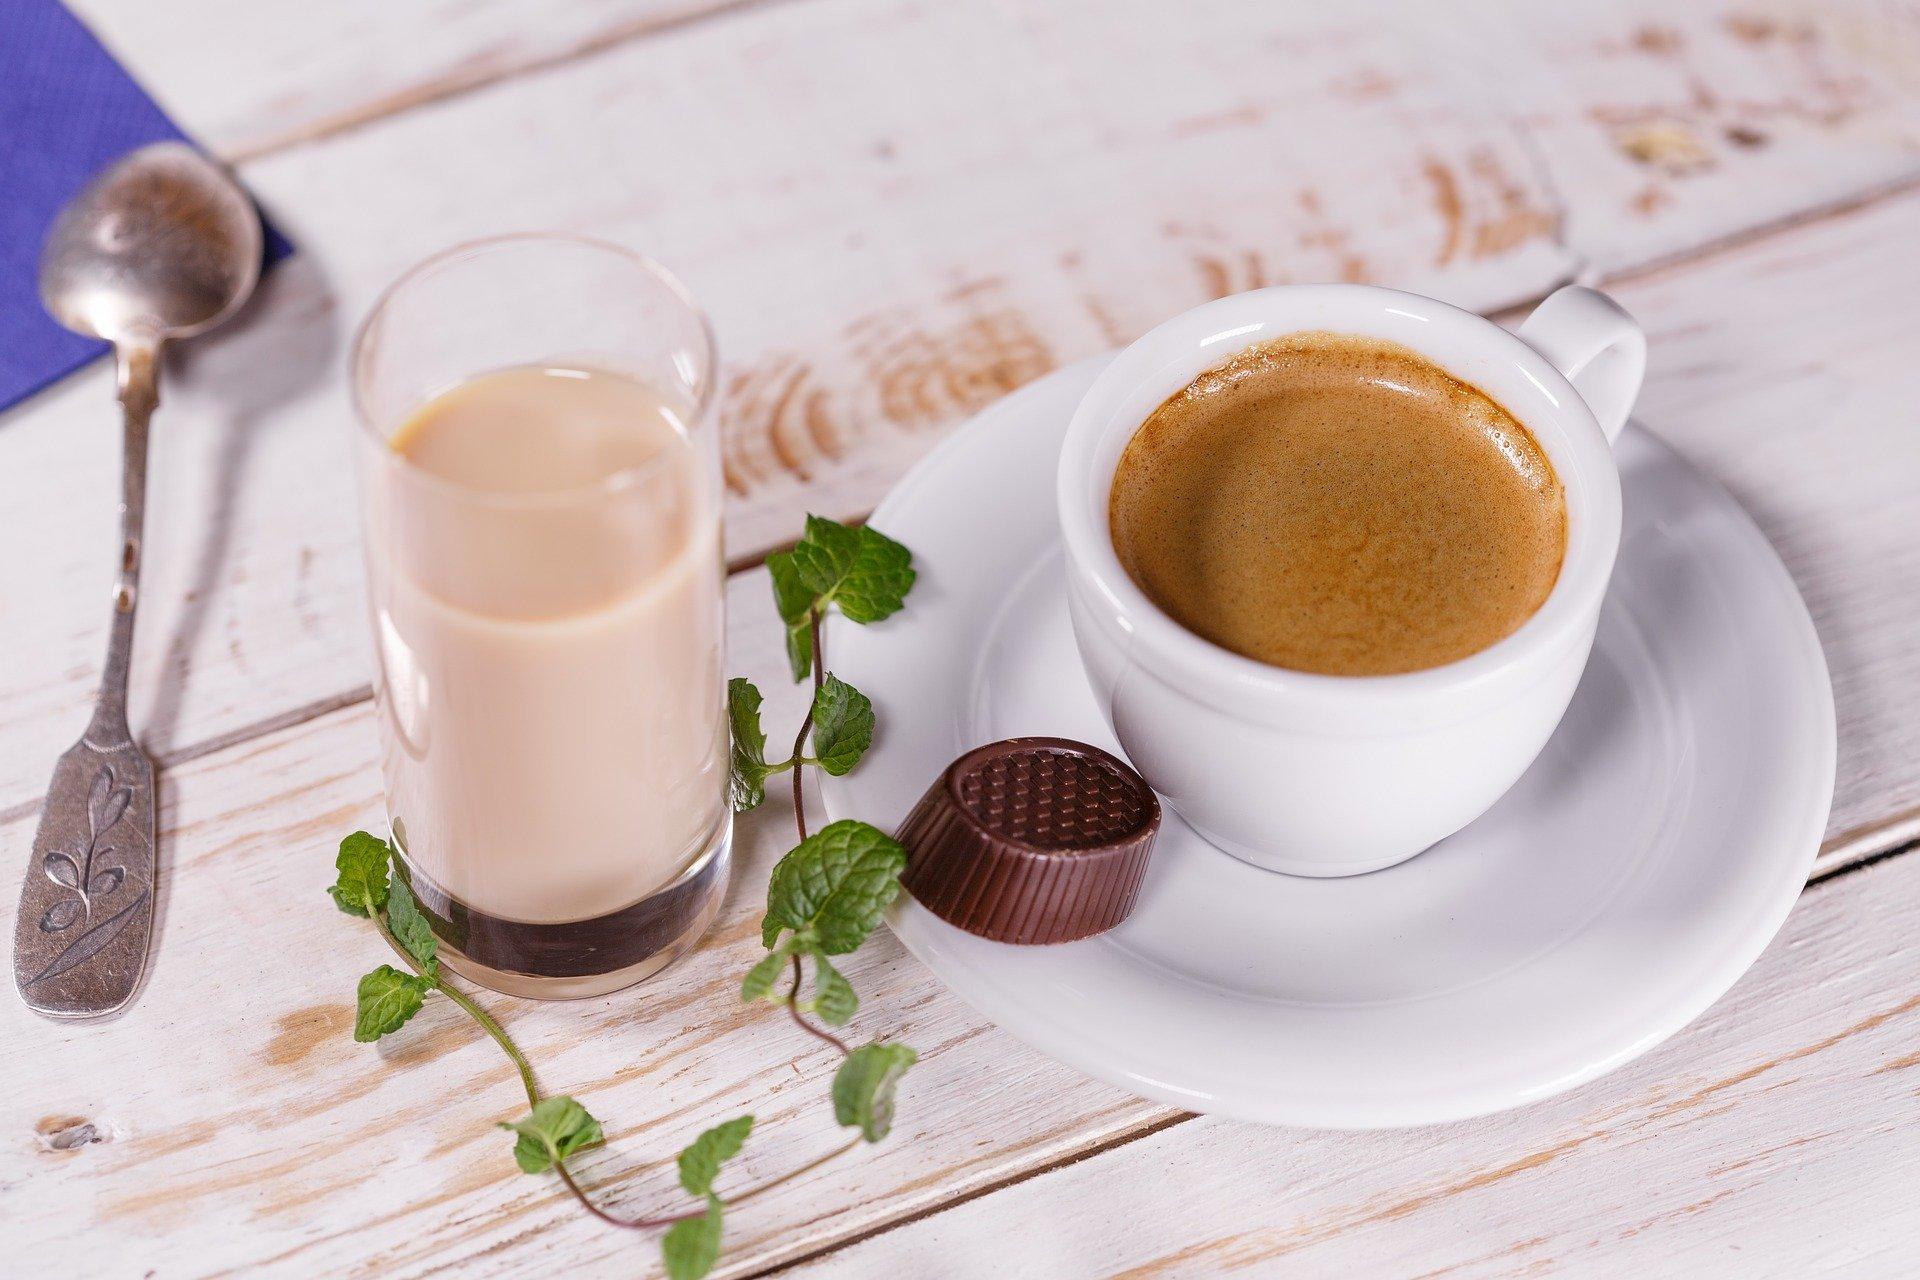 Nebenwirkungen von Kaffee sind umstritten.